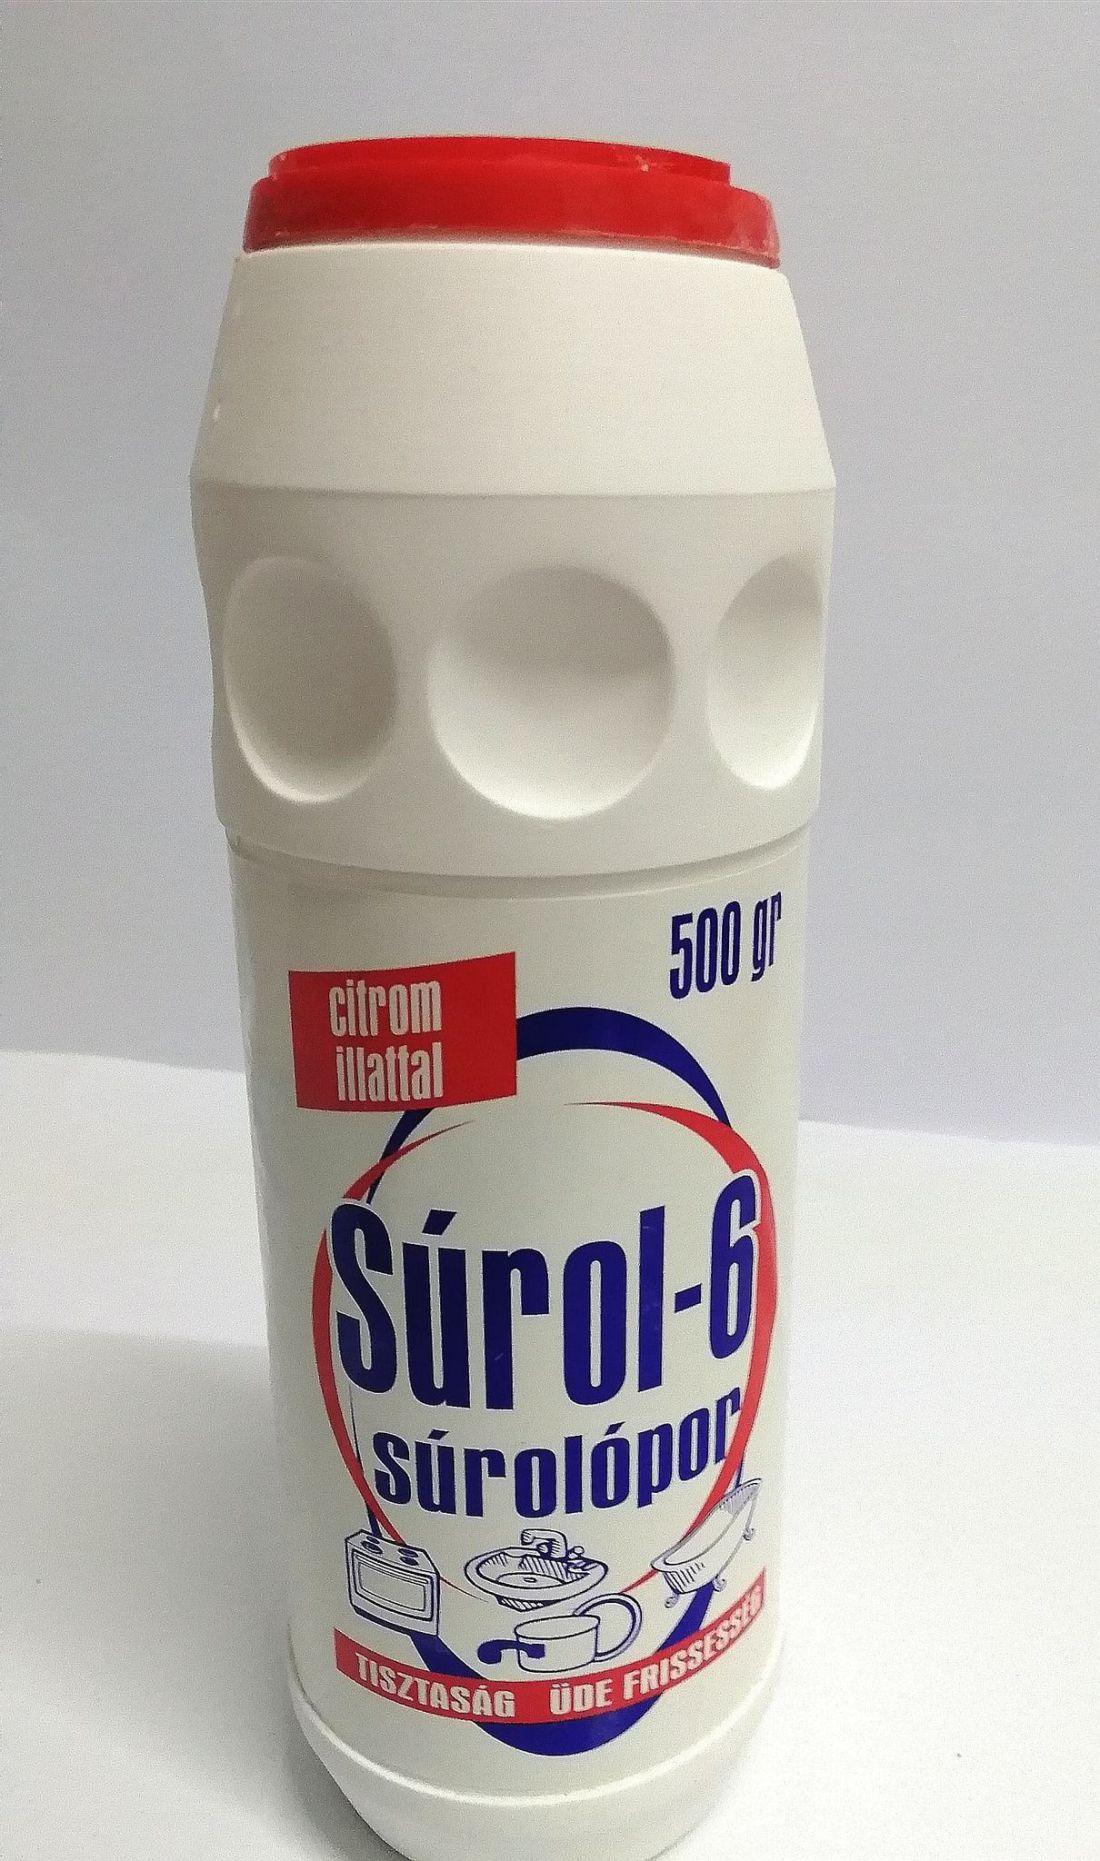 Dalma Súrol-6 súrolópor 500g